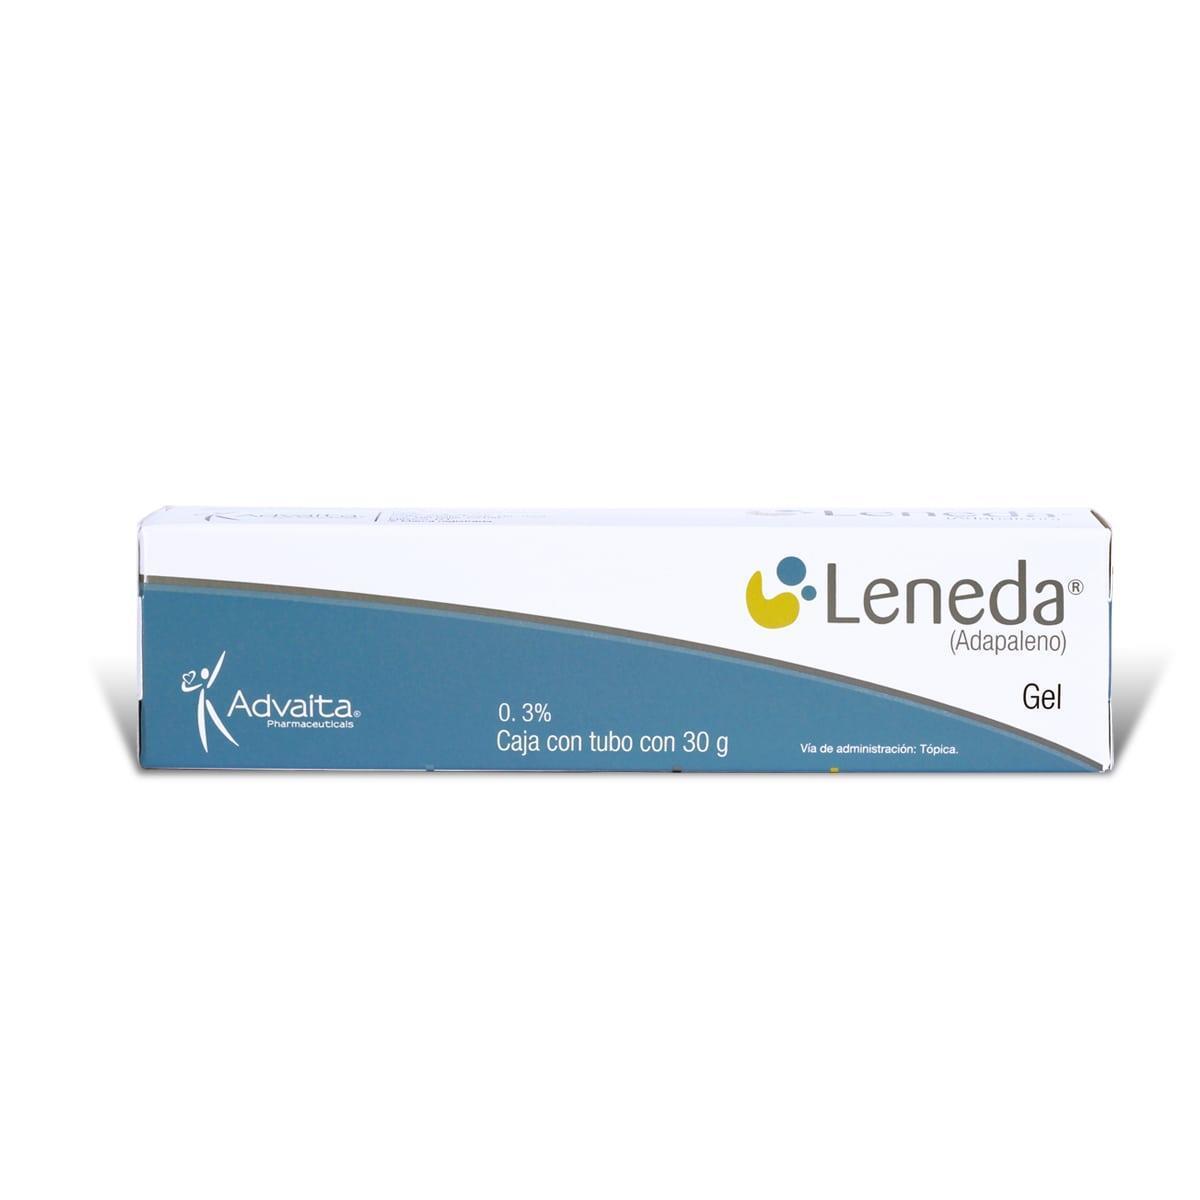 Esta indicado en acné de leve a moderado, como monoterapia o en combinación con otros tratamientos.<br/><br/>Caja con 30 g.  De Gel al .3%.